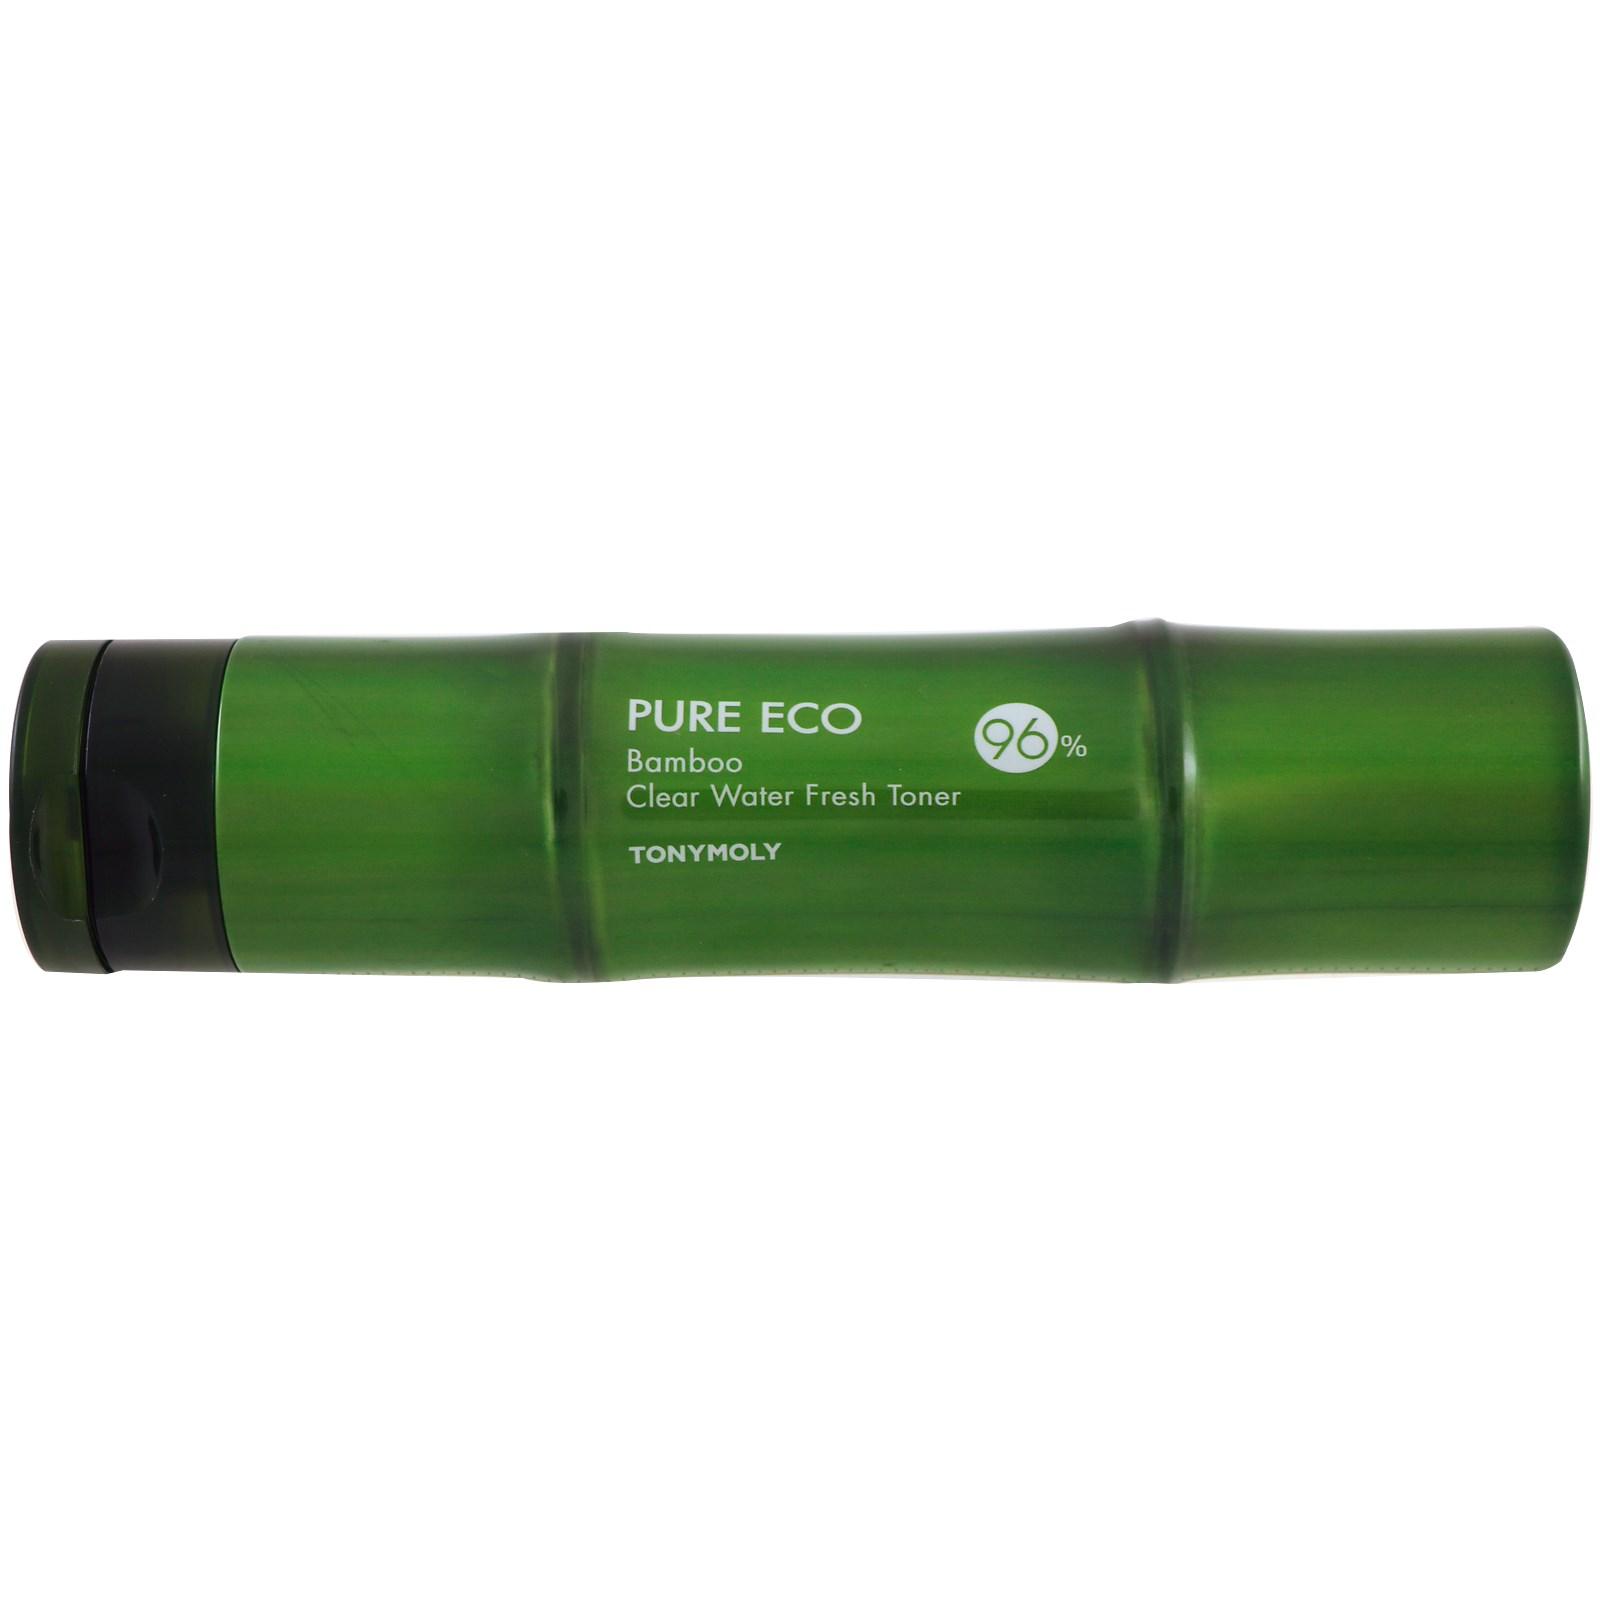 Tony Moly, Pure Eco, Бамбук, тоник со свежей чистой водой, 300 мл